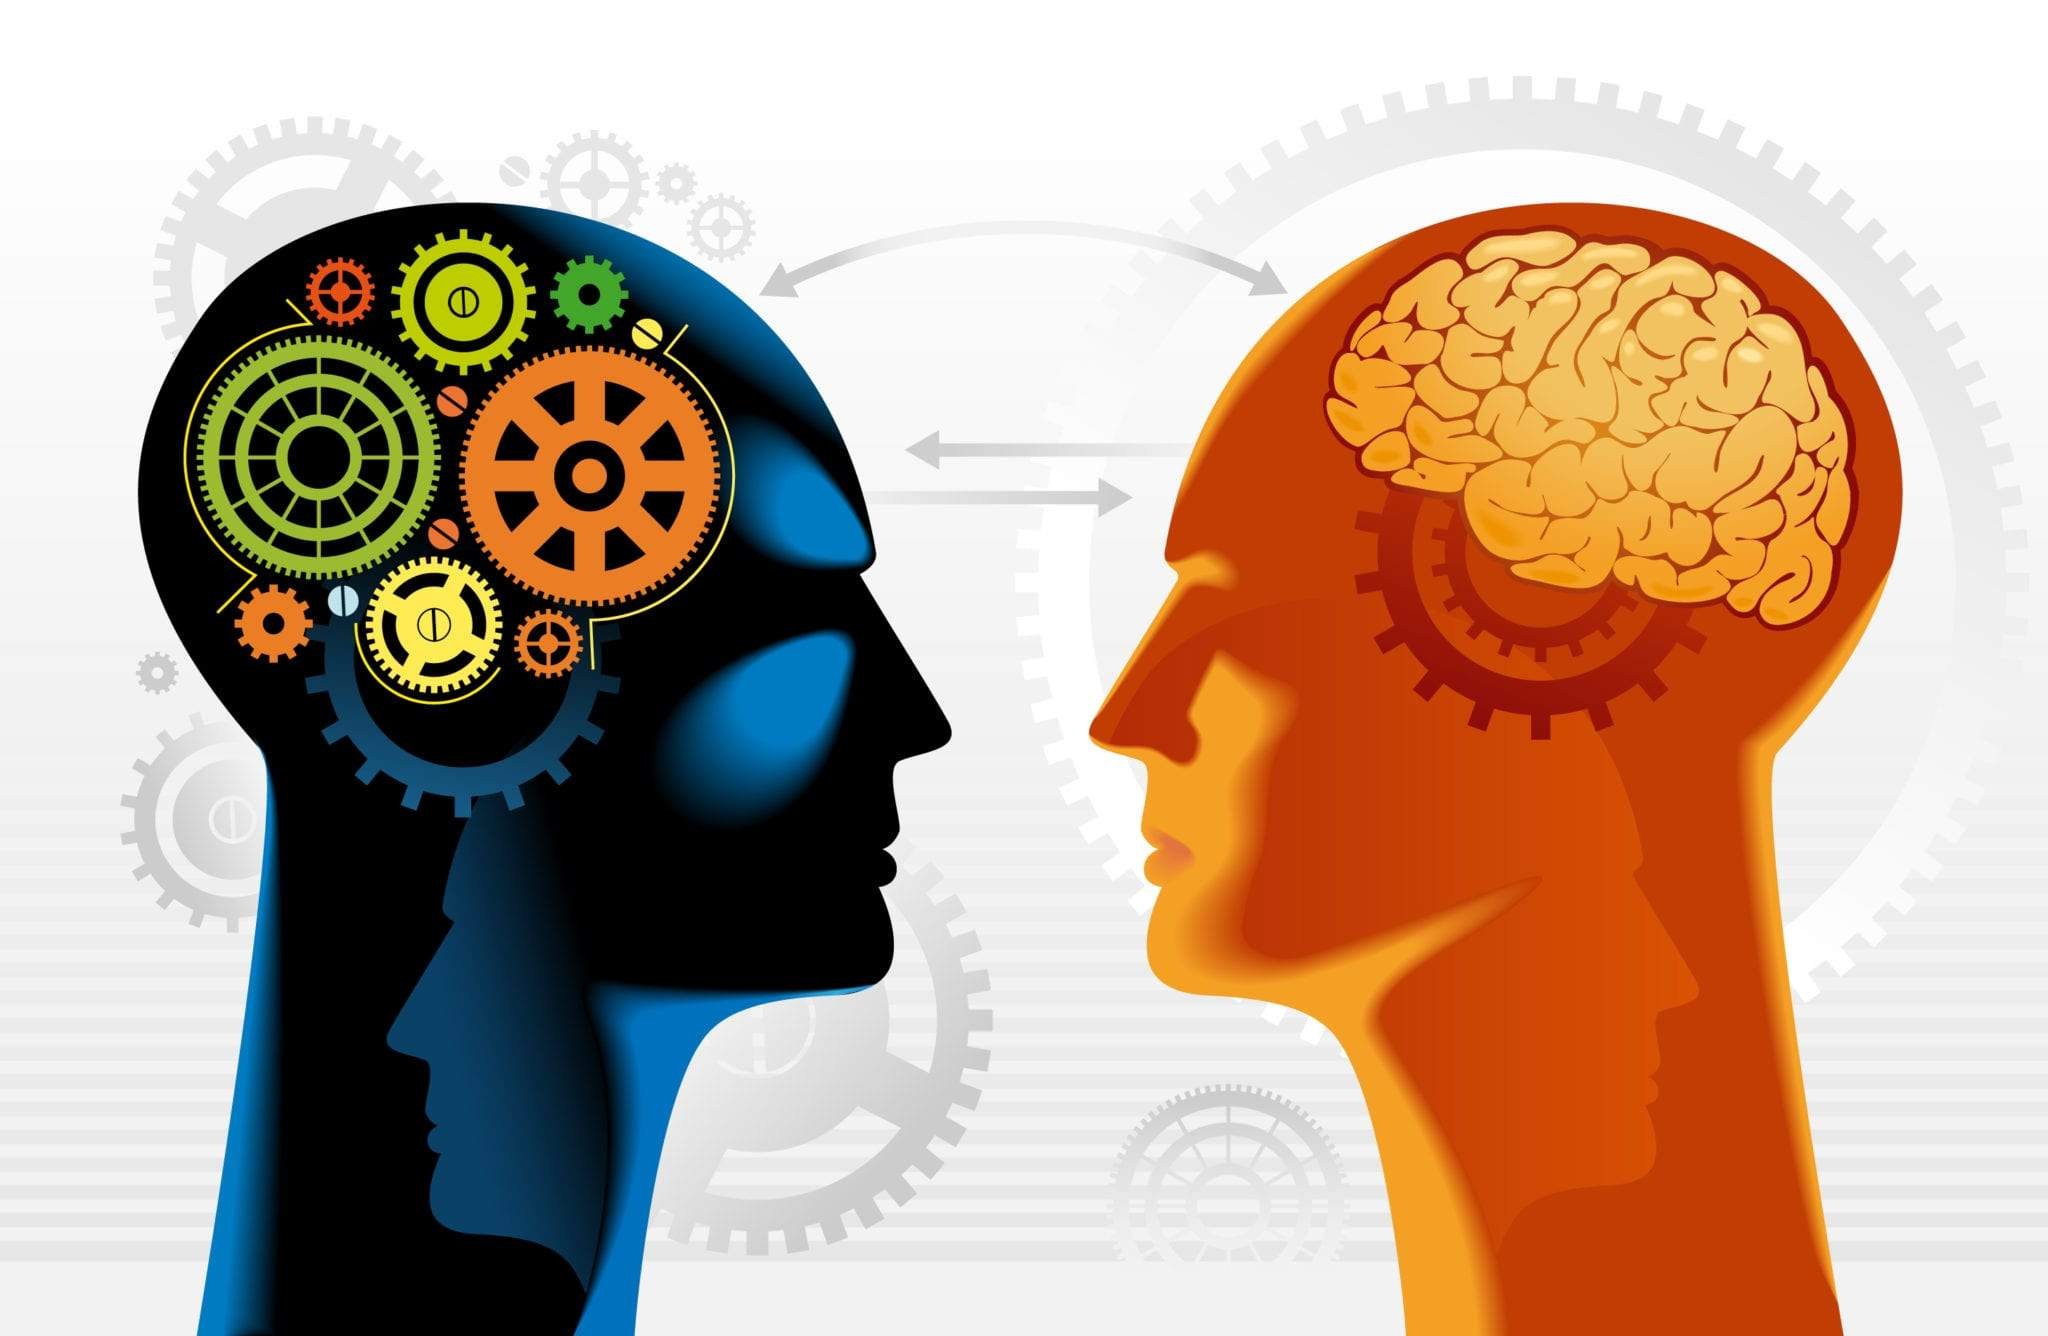 Doğal Dil İşleme (NLP) teknolojisi nedir, nasıl çalışır, hangi teknikler ve araçlar kullanılır, faydaları, avantajları ve zorlukları